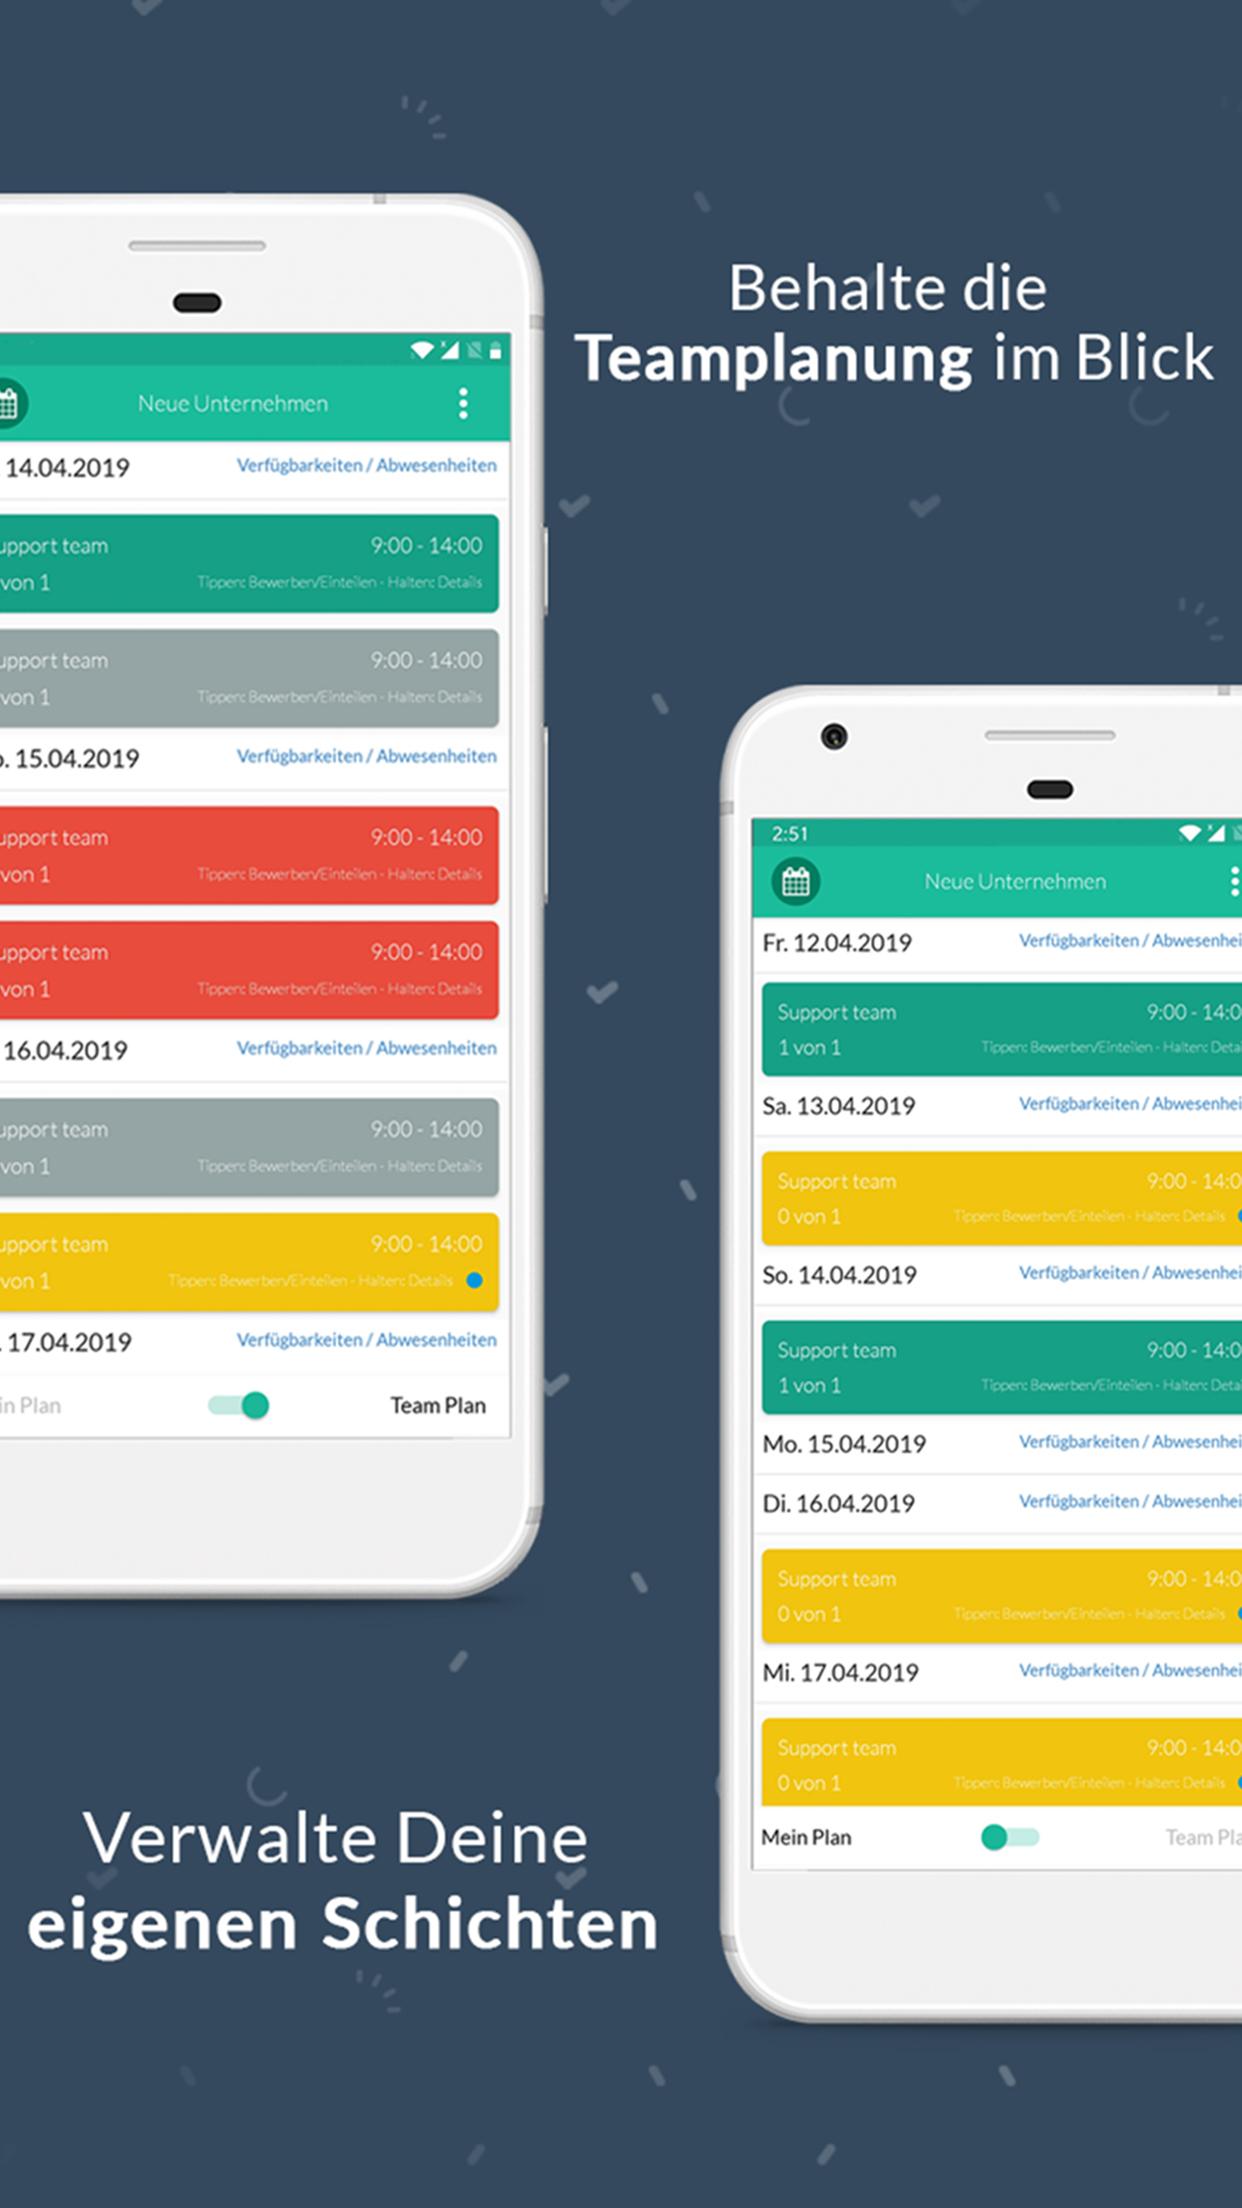 Mit der Plan App von Papershift kannst Du sowohl Deinen persönlichen Dienstplan verwalten, als auch den Dienstplan Deines Teams im Blick behalten - all das einfach und bequem von Deinem Smartphone oder Tablet aus